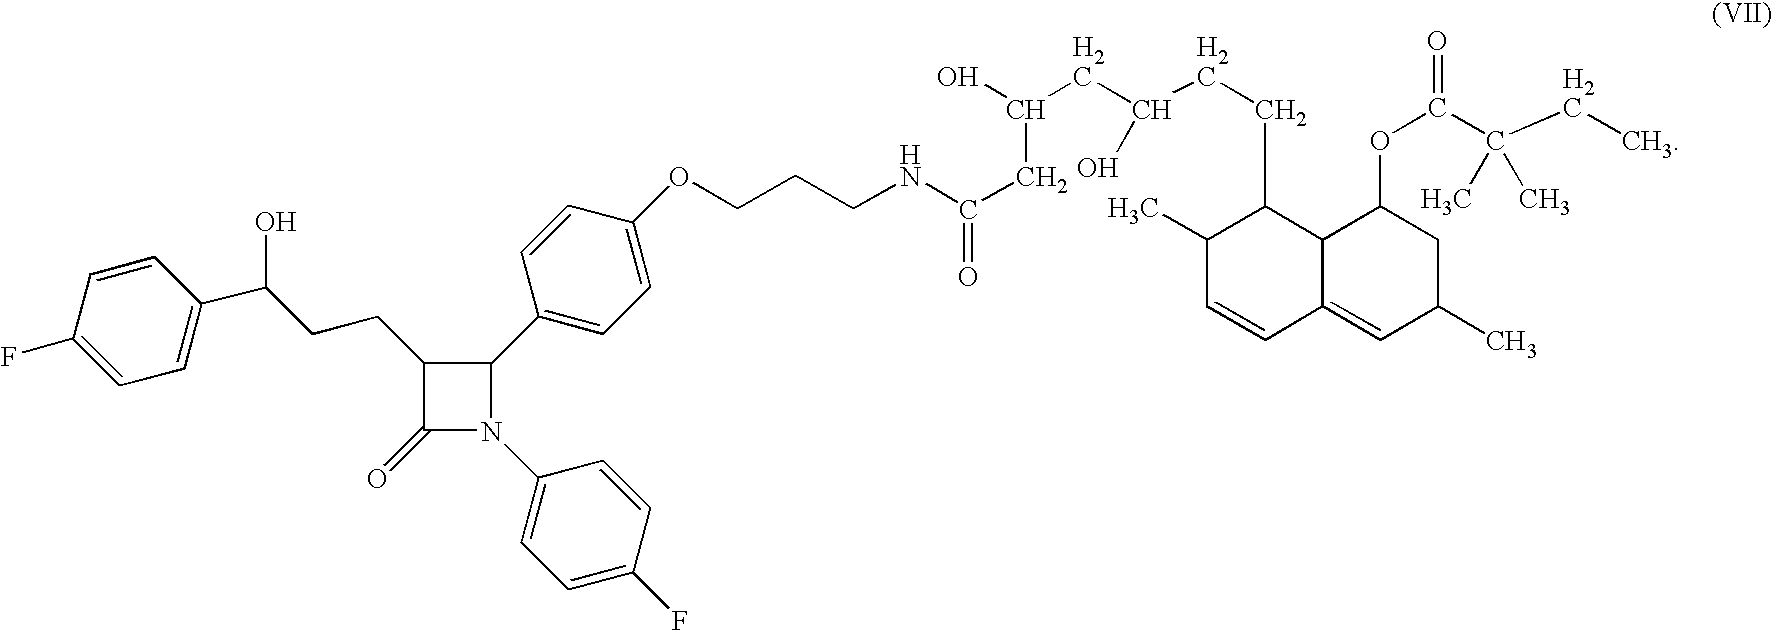 Figure US07741289-20100622-C00020